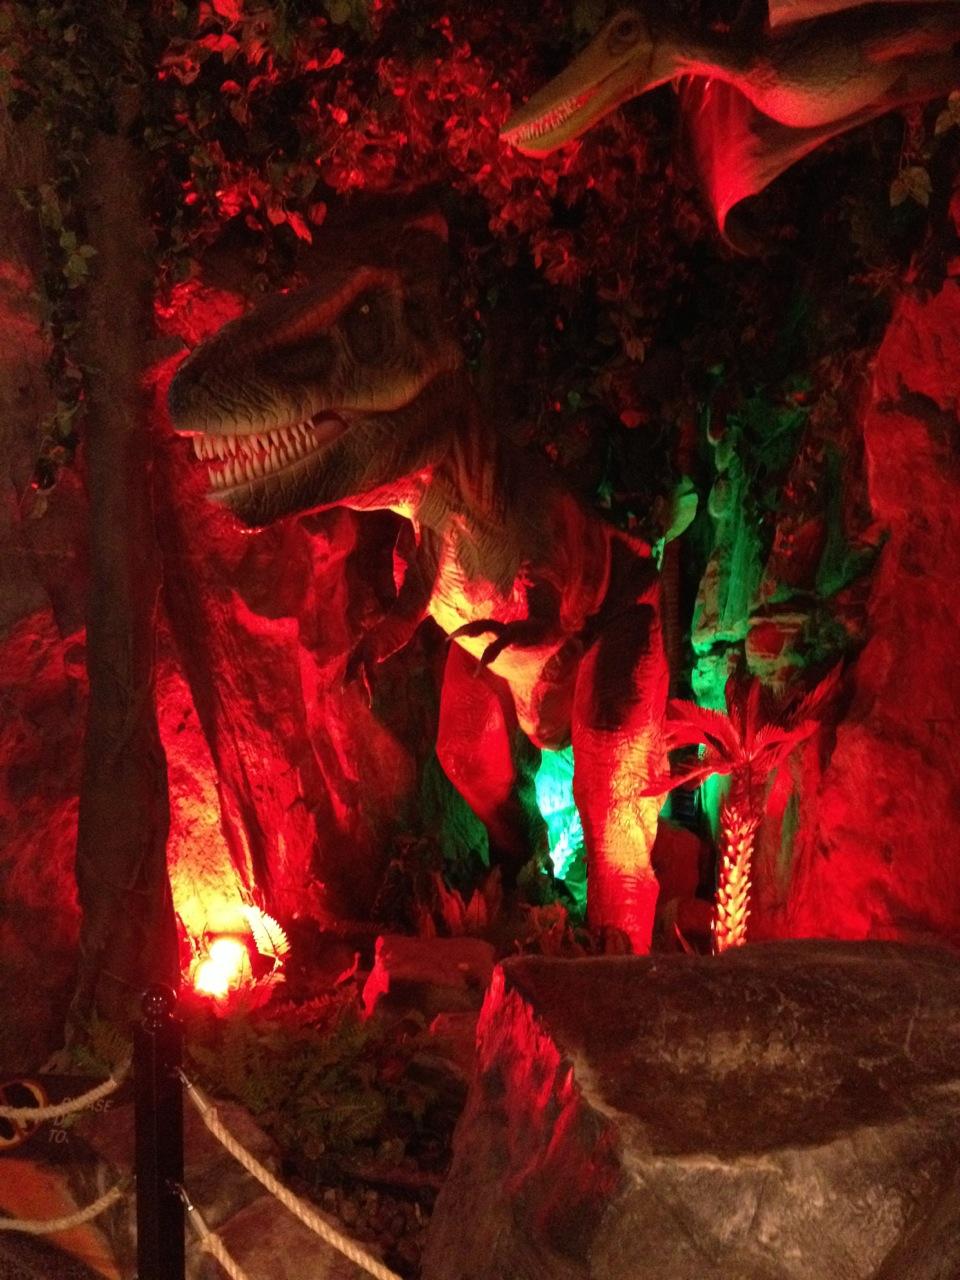 Roaring red dinosaur